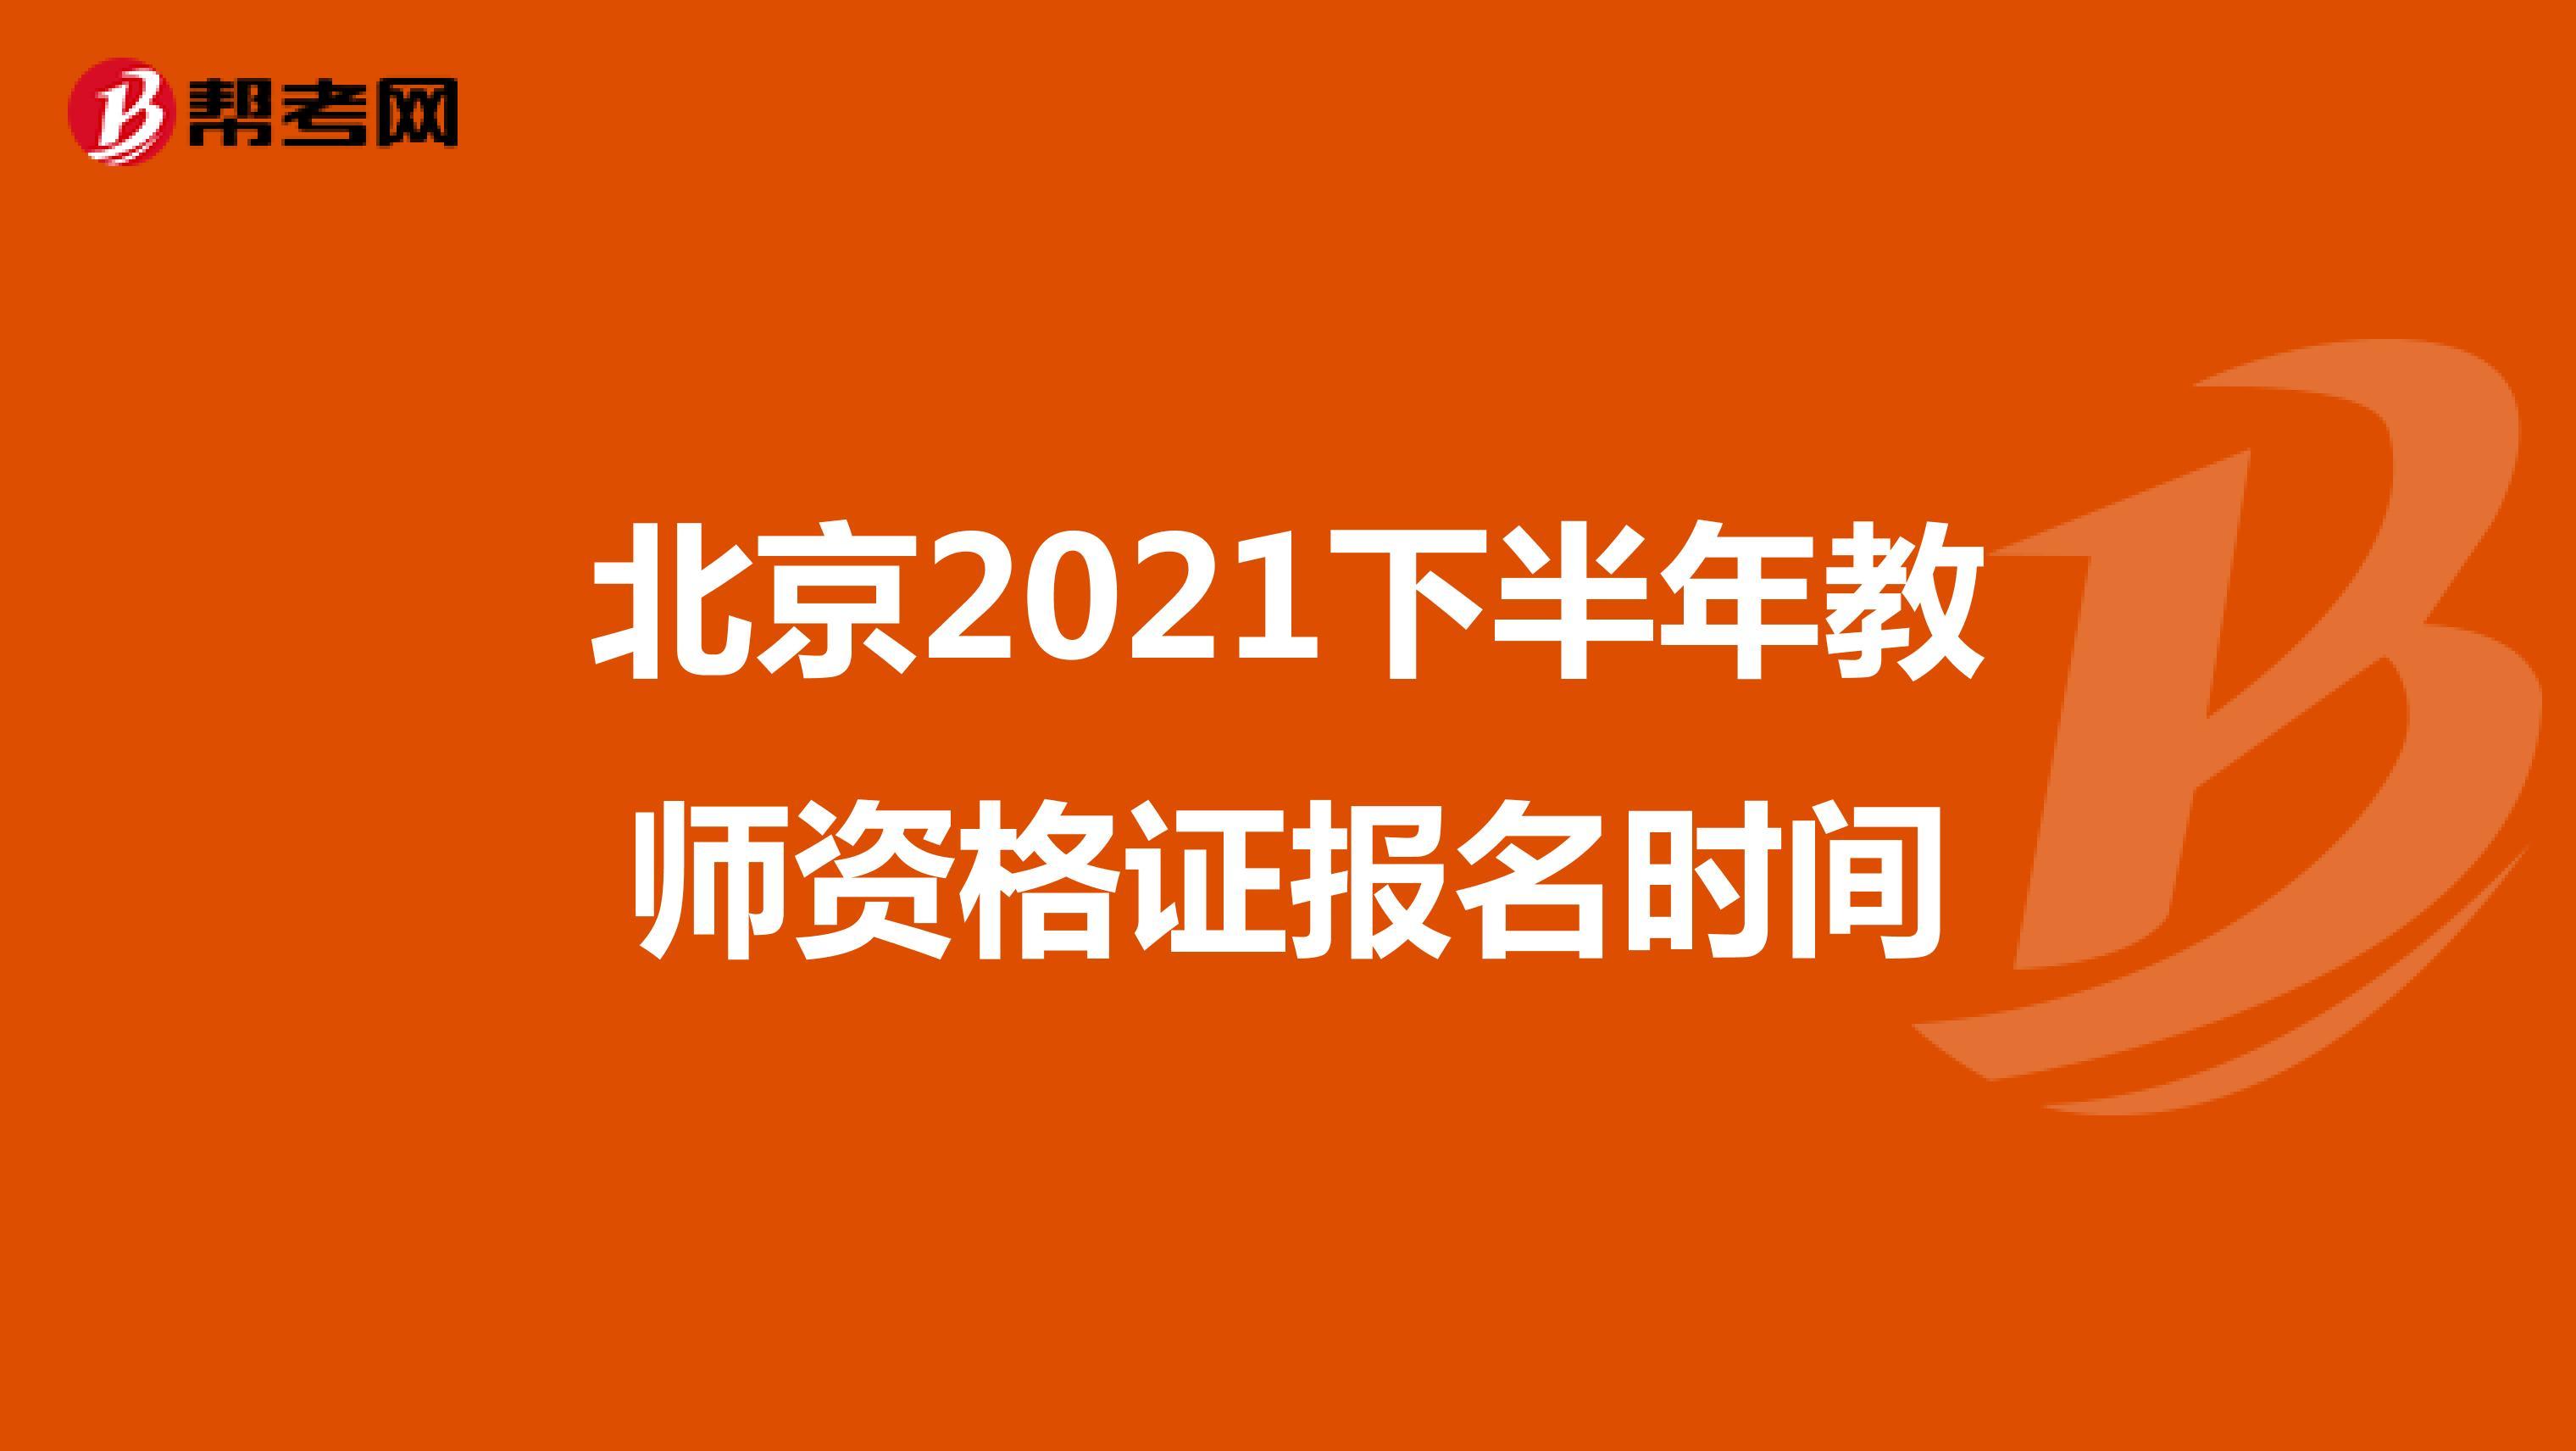 北京2021下半年教师资格证报名时间